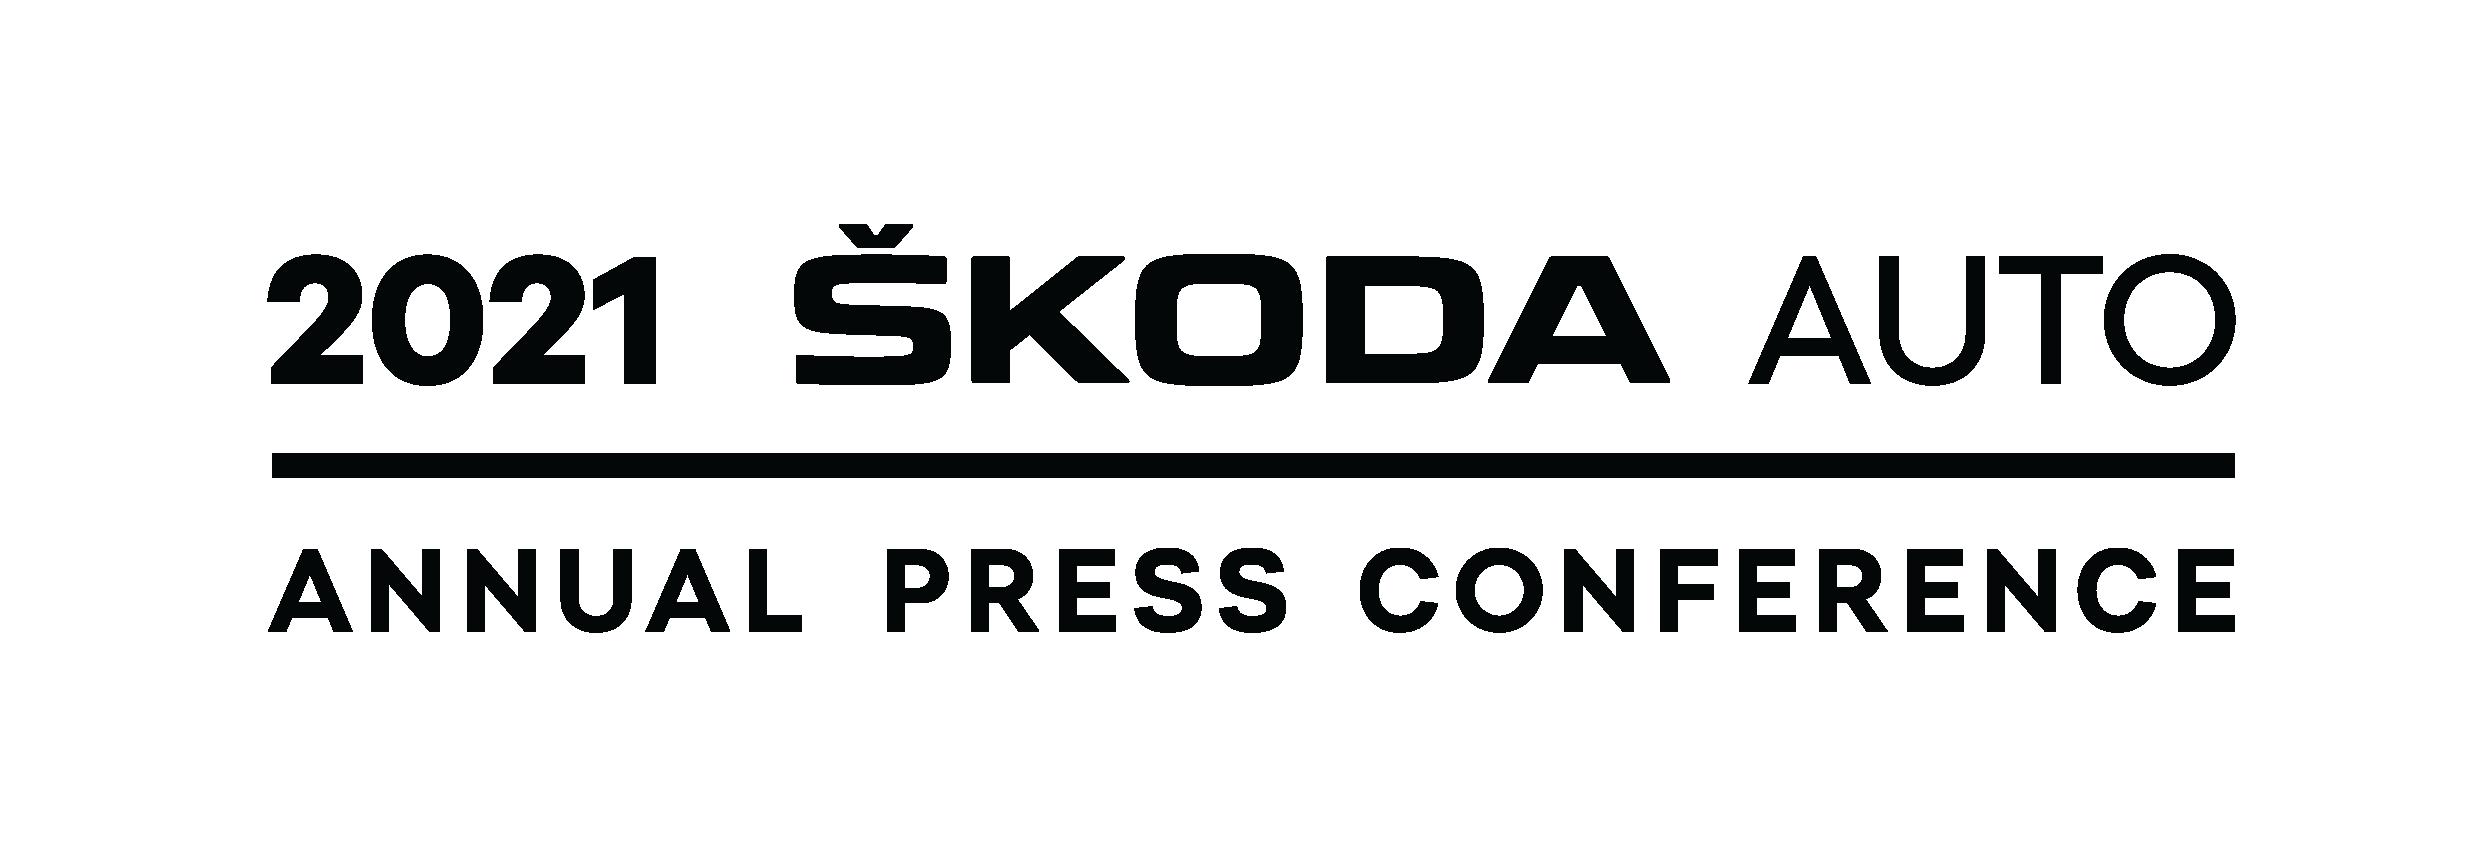 VÝROČNÍ TISKOVÁ KONFERENCE ŠKODA AUTO 2021